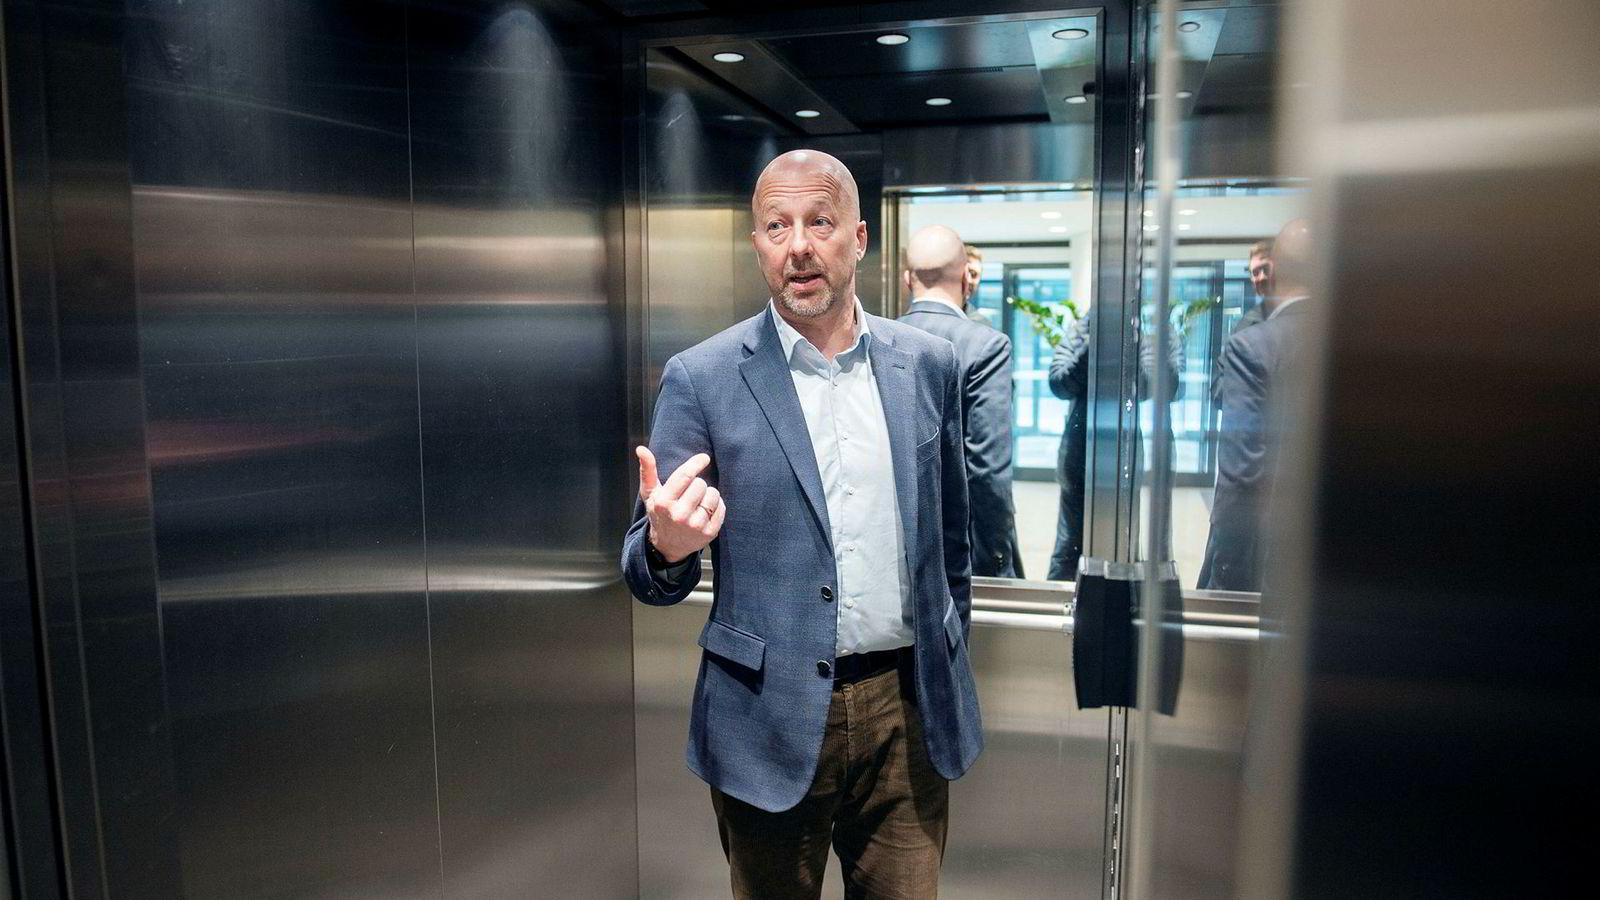 Daglig leder i EGN-Norge Haakon Gellein velger å være åpen om at han til tross for god aktsomhet slapp hackere inn i bedriftens nettverk. – Å stå sammen og være åpne er vårt beste motmiddel, mener han.